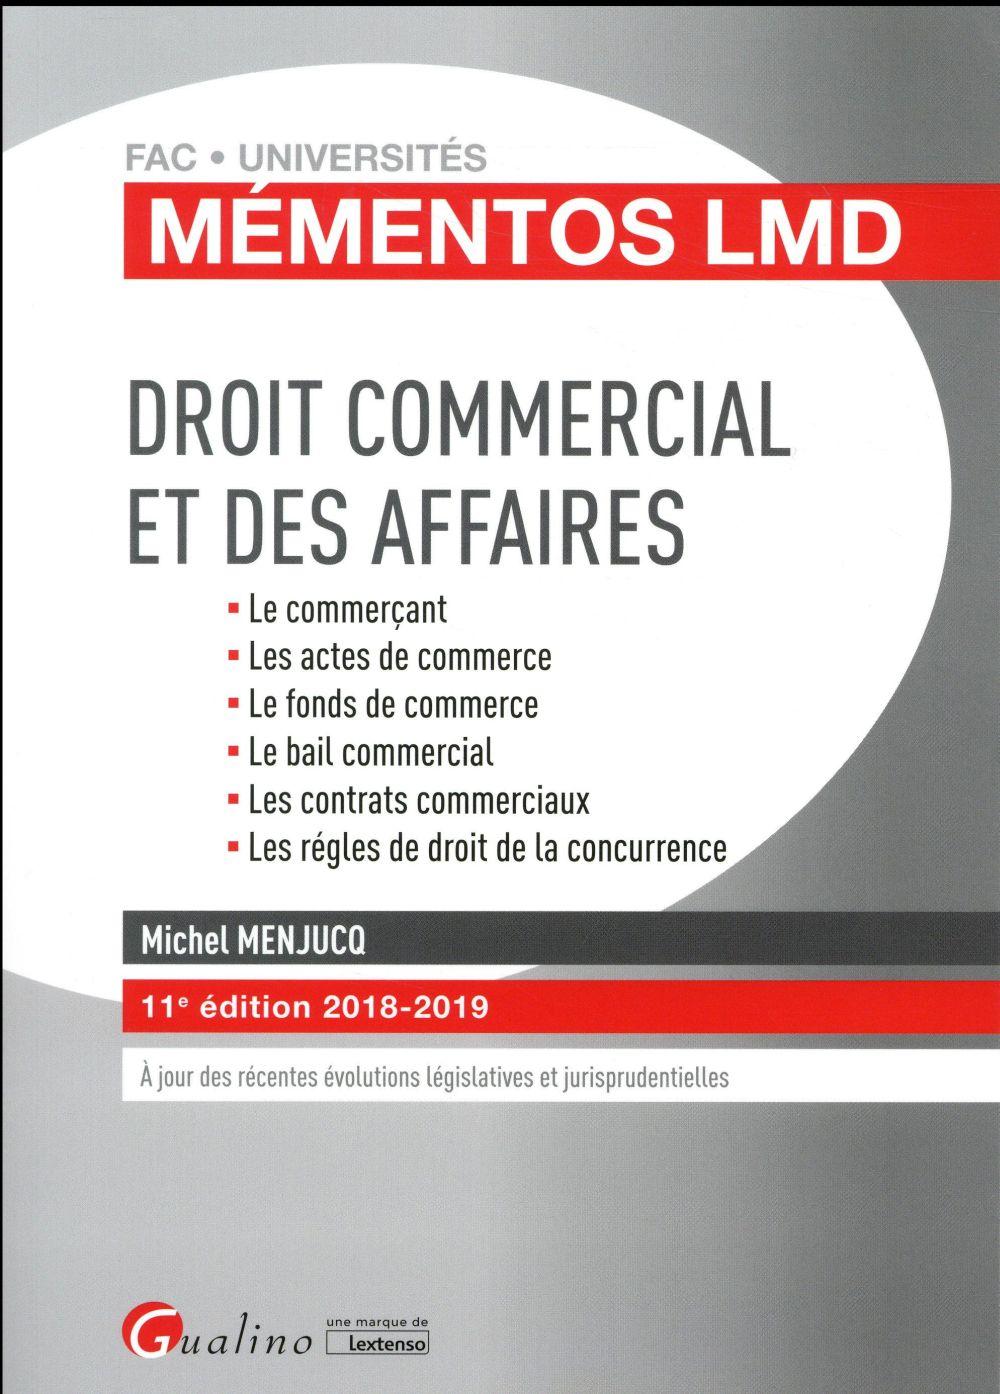 DROIT COMMERCIAL ET DES AFFAIRES 11EME EDITION